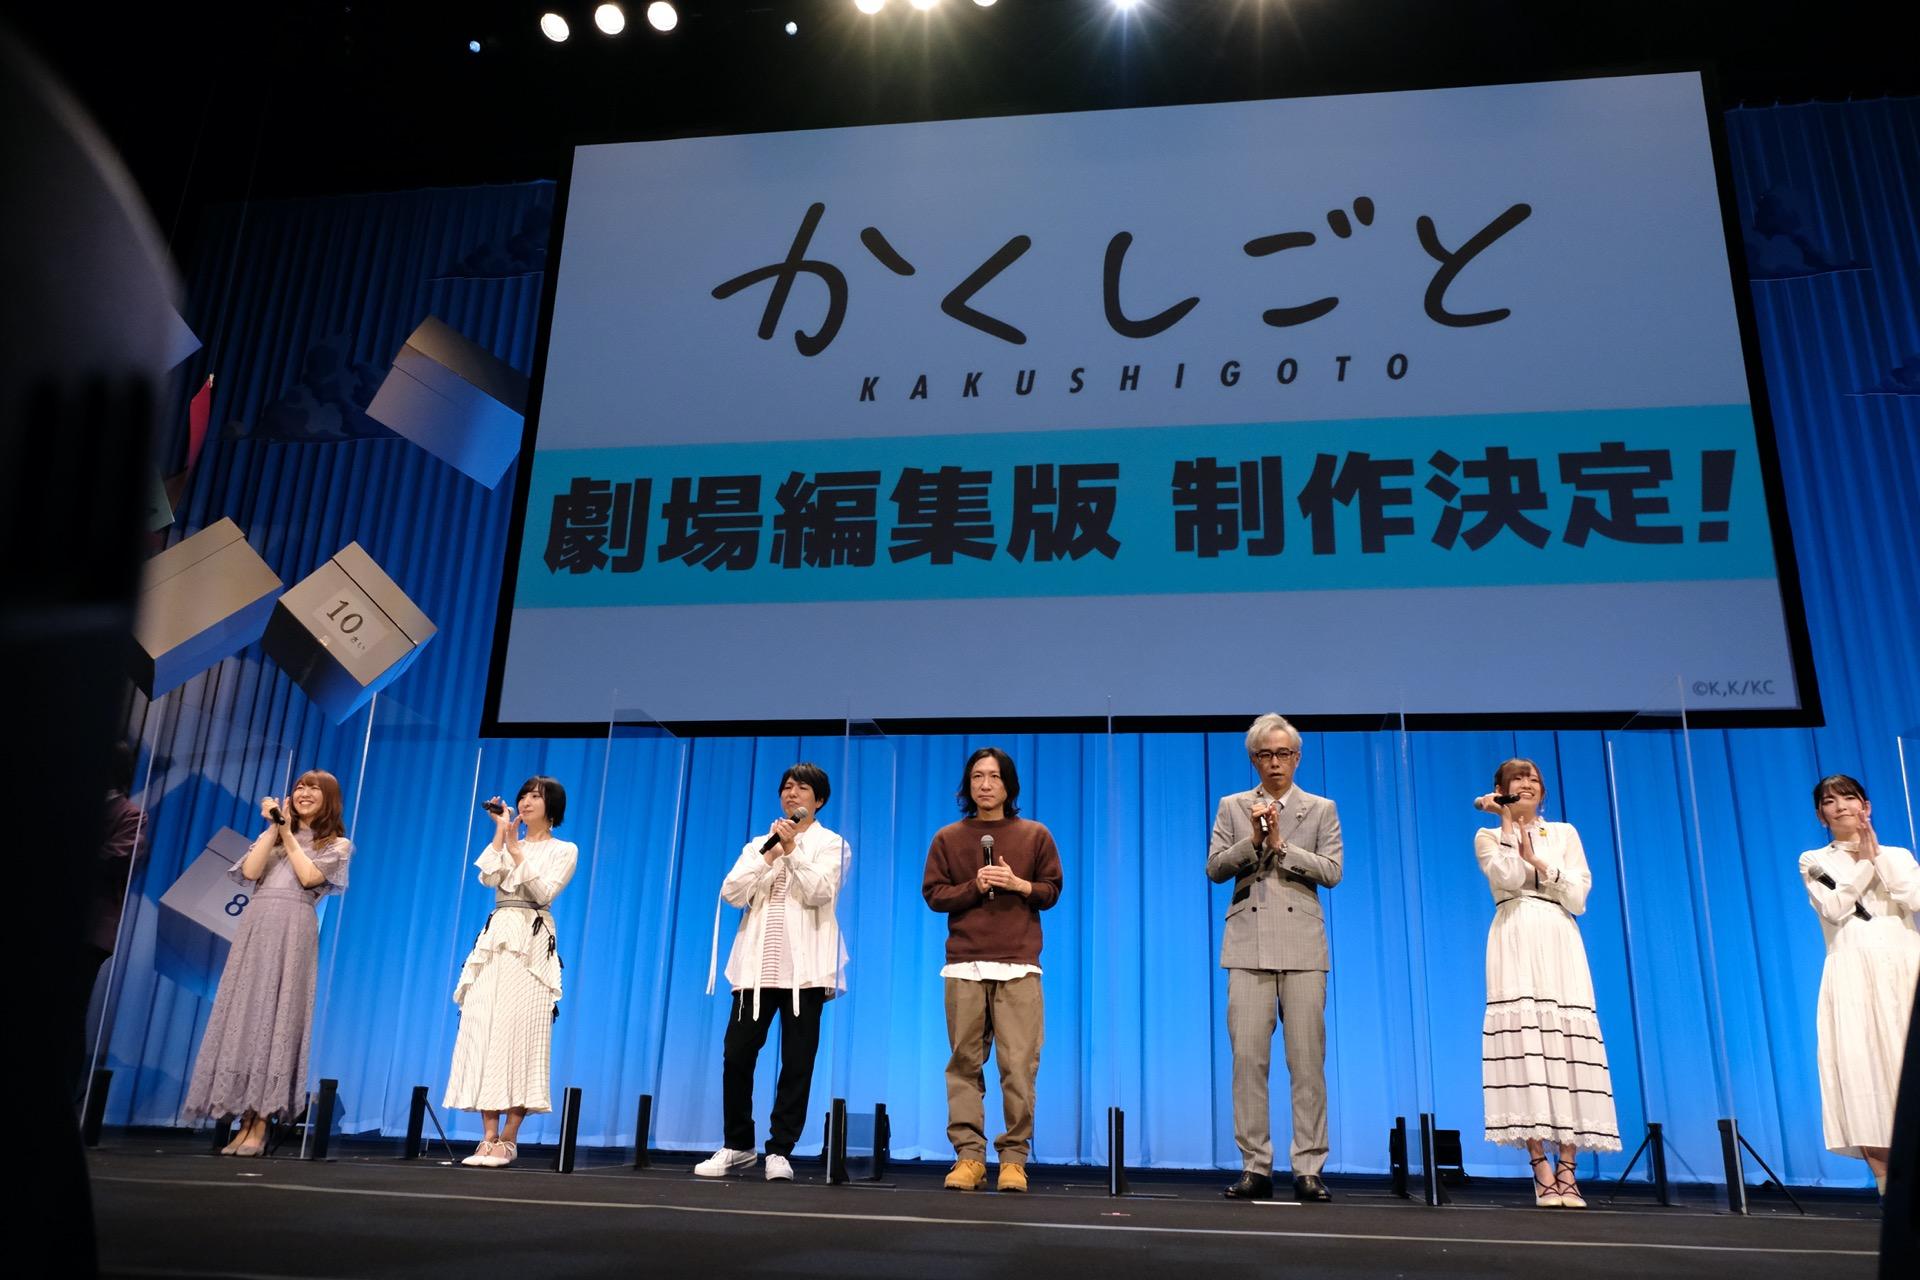 神谷浩史さん高橋李依さんら登壇のスペシャルイベント「〜こんなイベントやって姫にバレたらどーする!〜」オフィシャルレポート到着